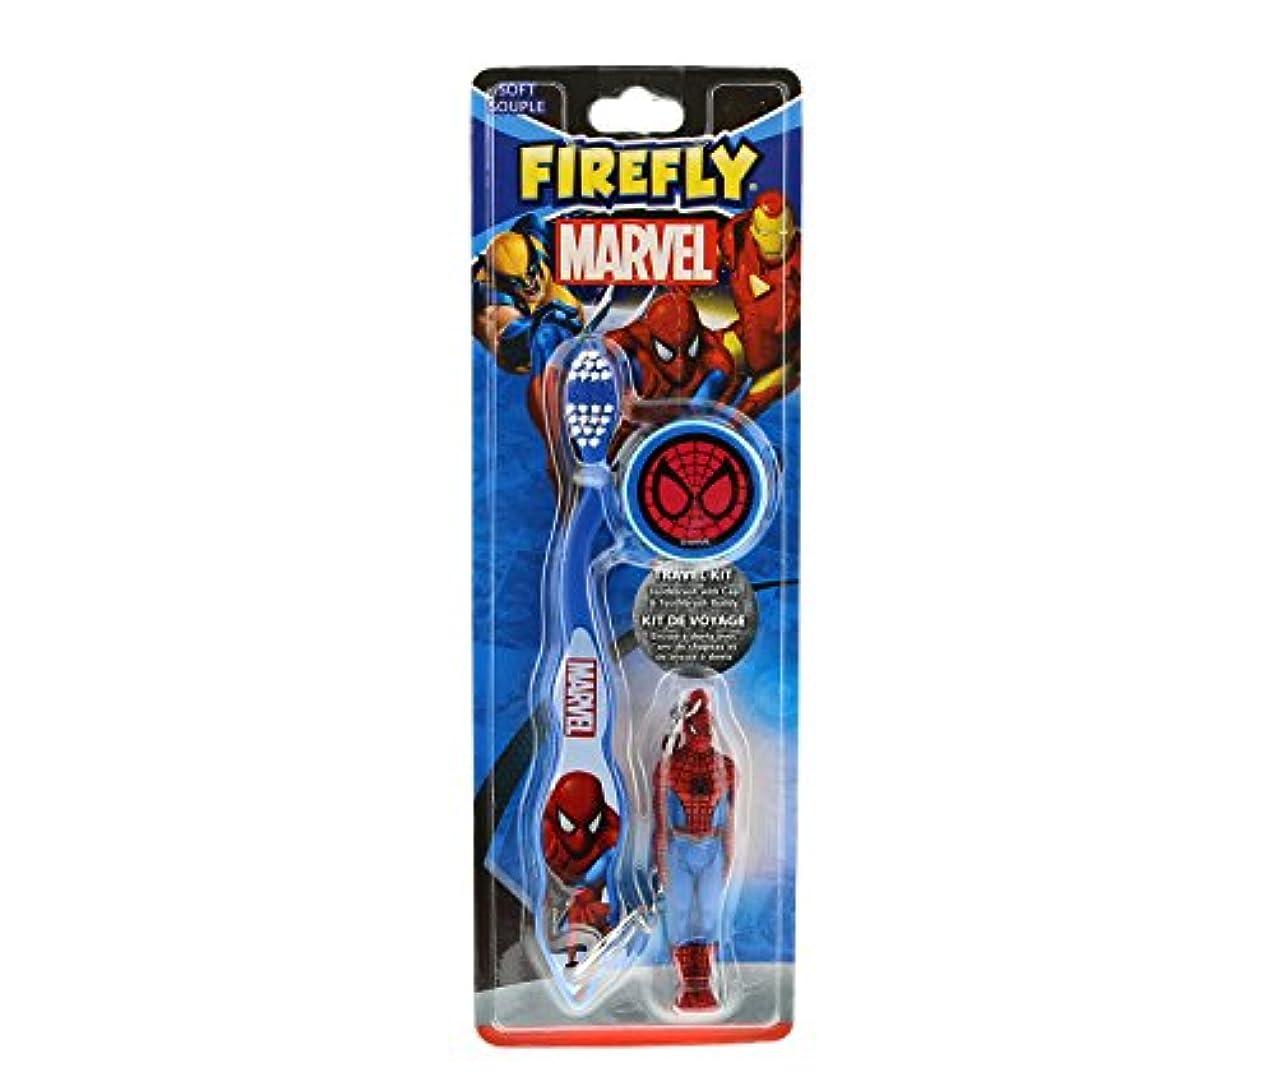 略すエレメンタルに付けるMARVEL HEROES フィギュア付き 歯ブラシ スパイダーマン